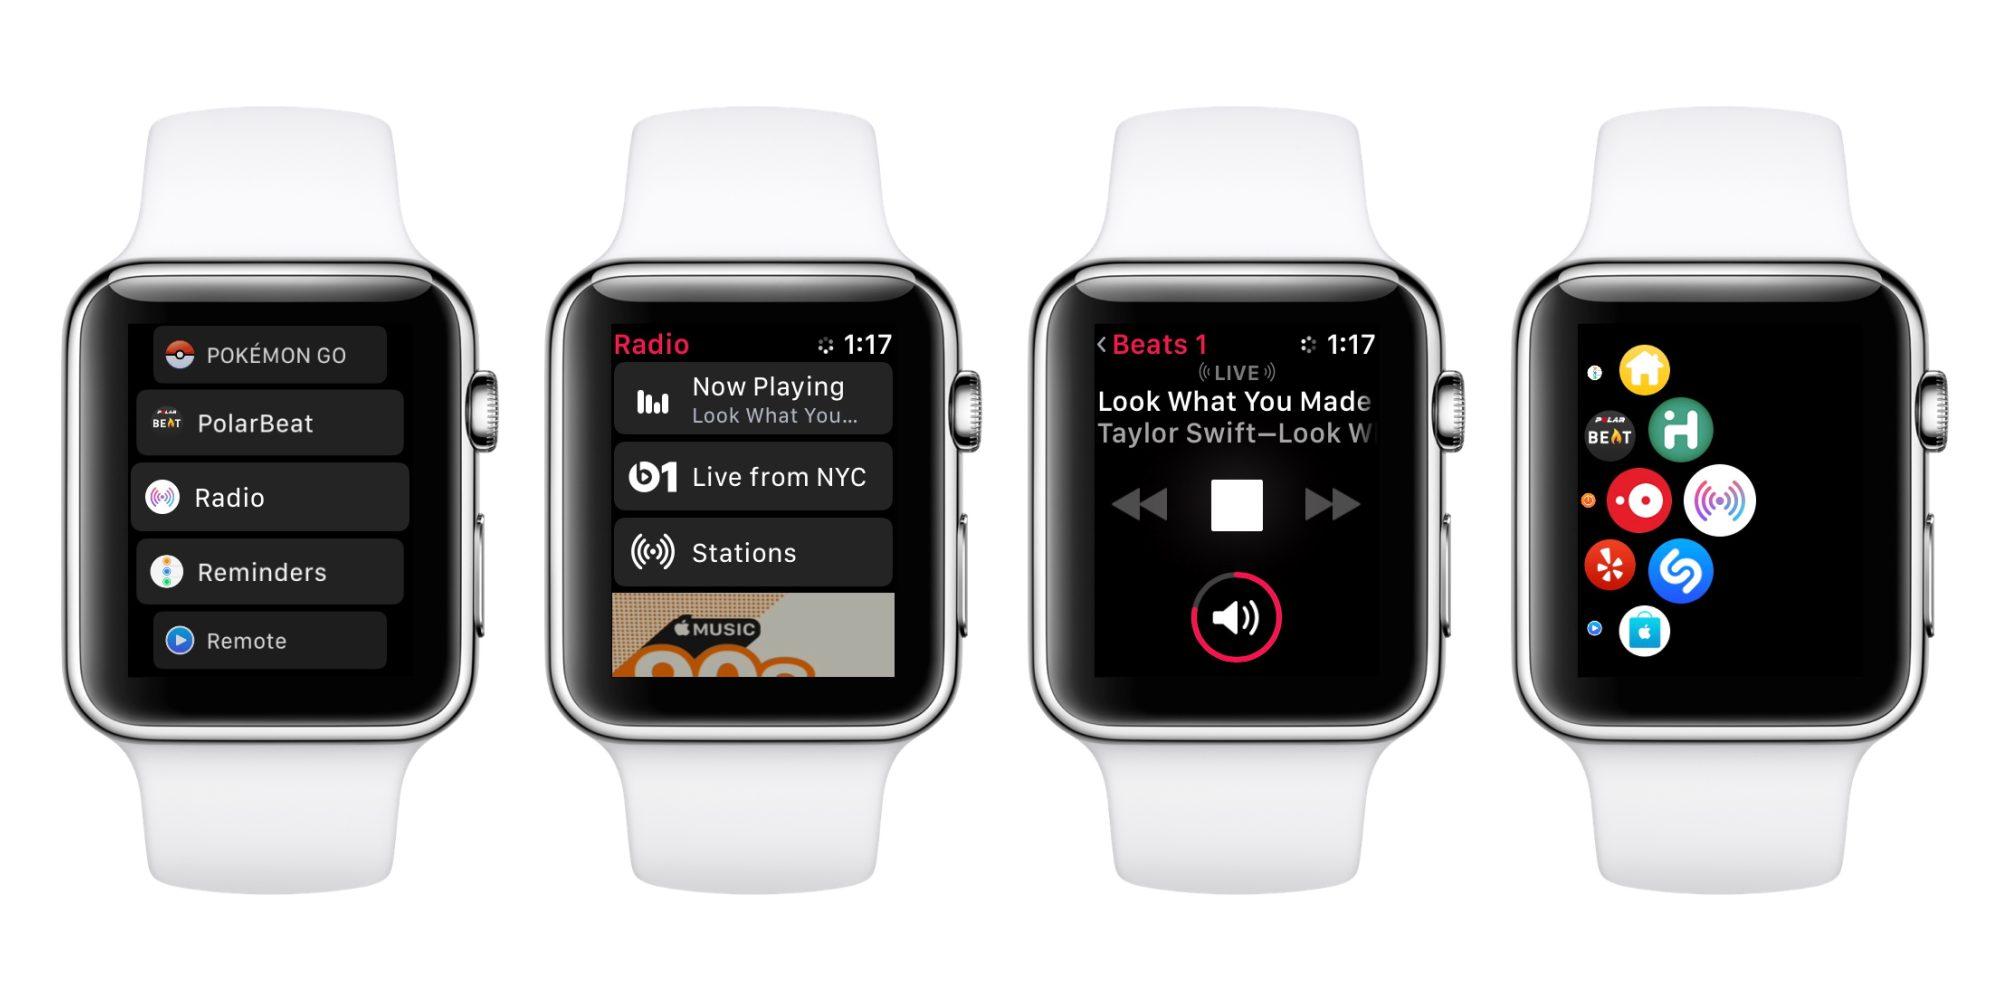 開発者向けのwatchOS 4.1 betaが公開!Apple MusicとRadioが追加されwatch単体でのミュージック機能が強化